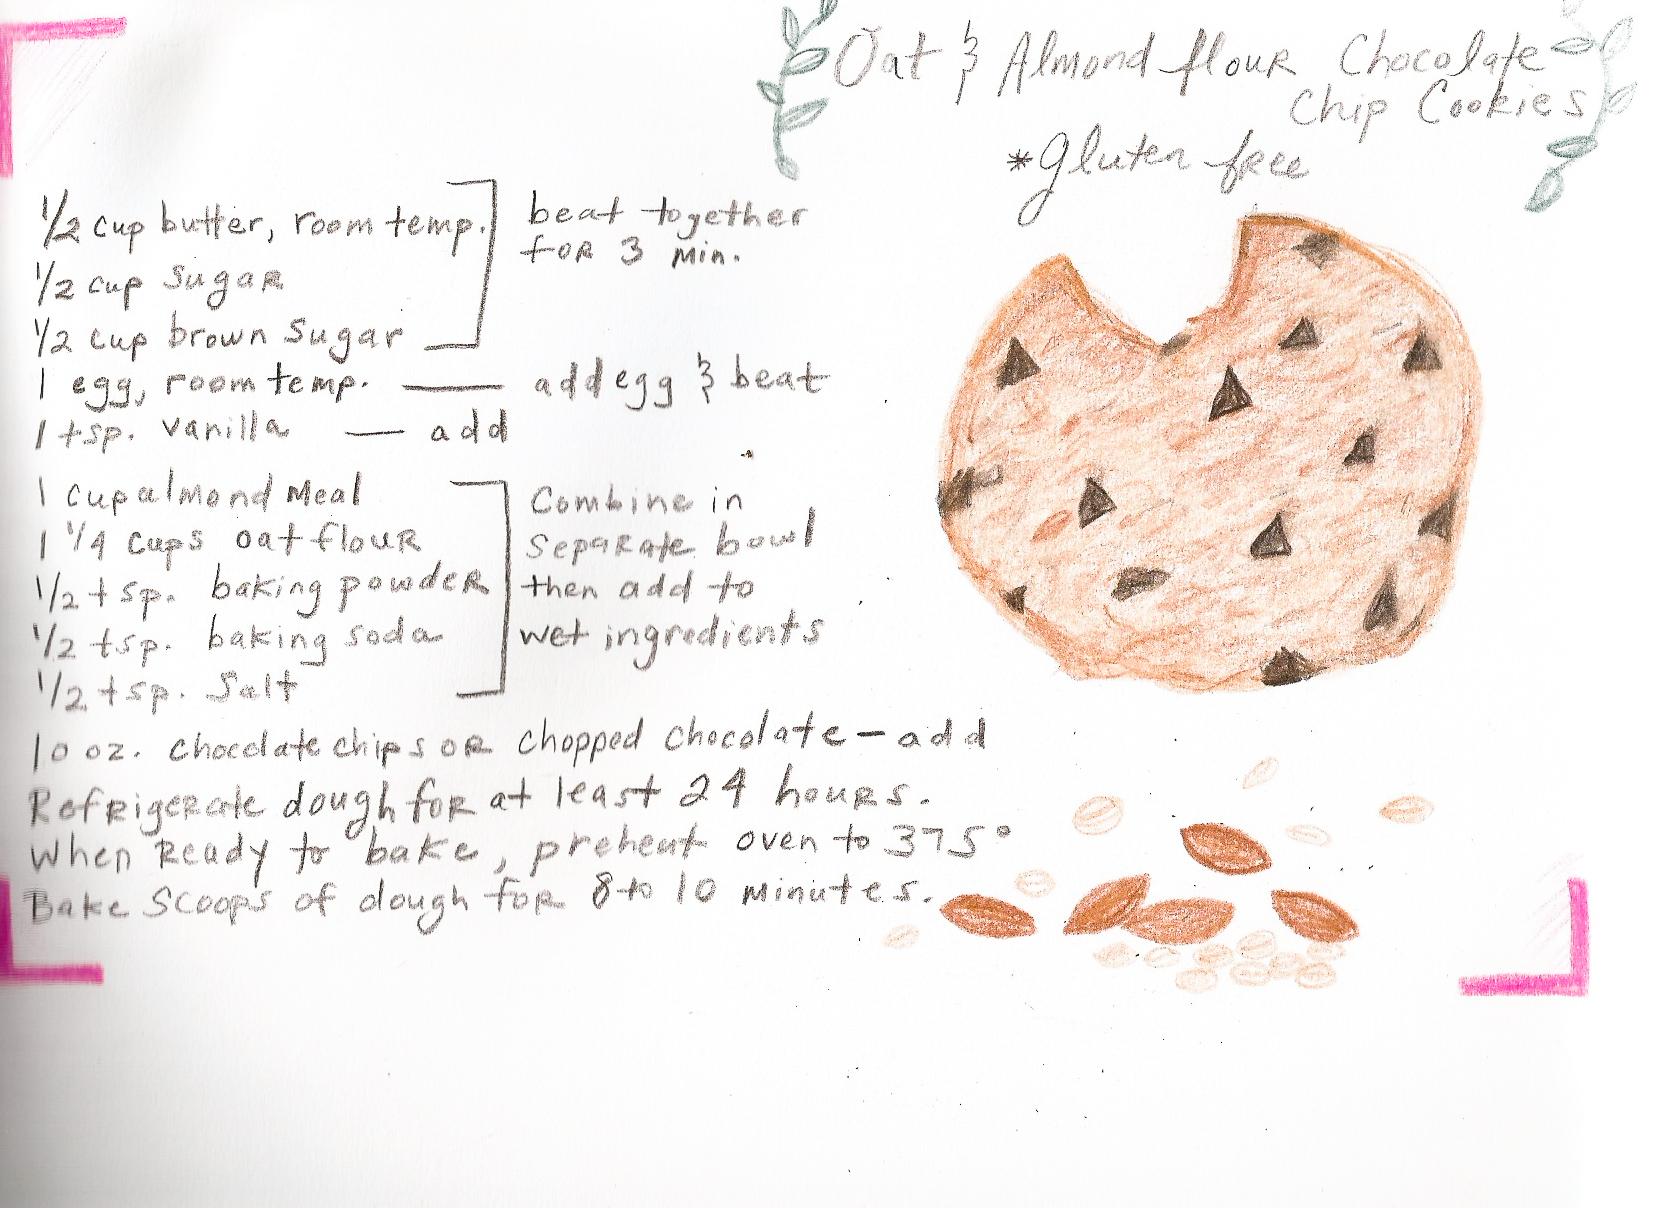 gf cookier ecipe.jpg